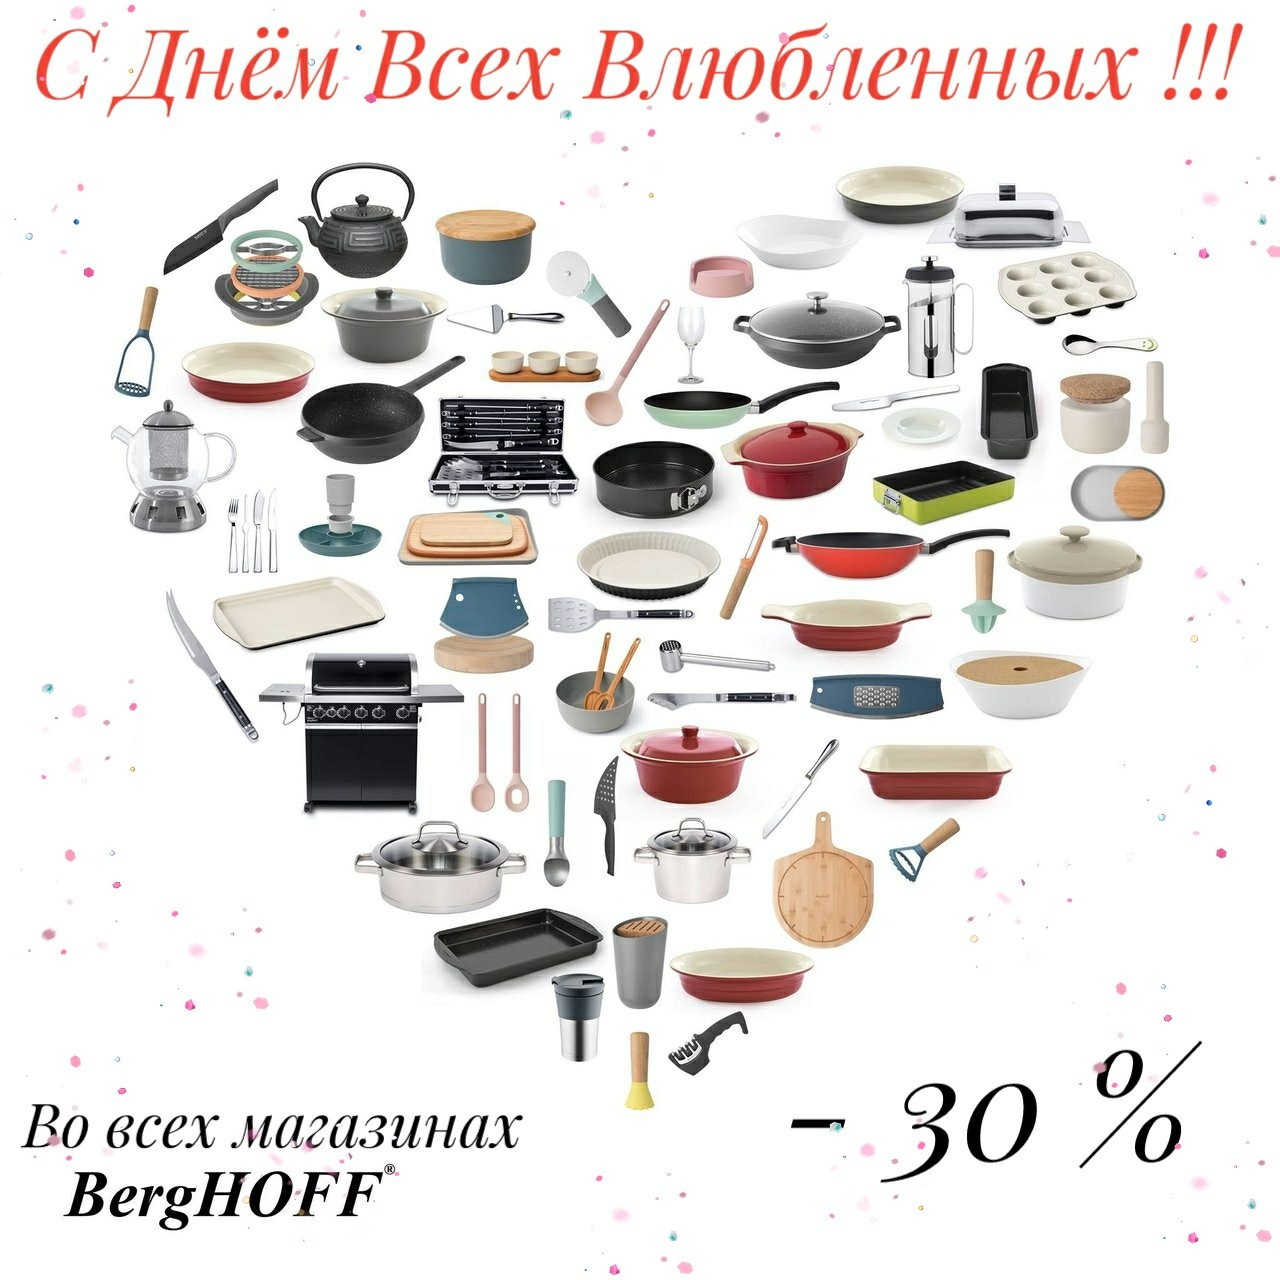 В честь Дня Всех Влюбленных компания BergHOFF запускает Акцию!